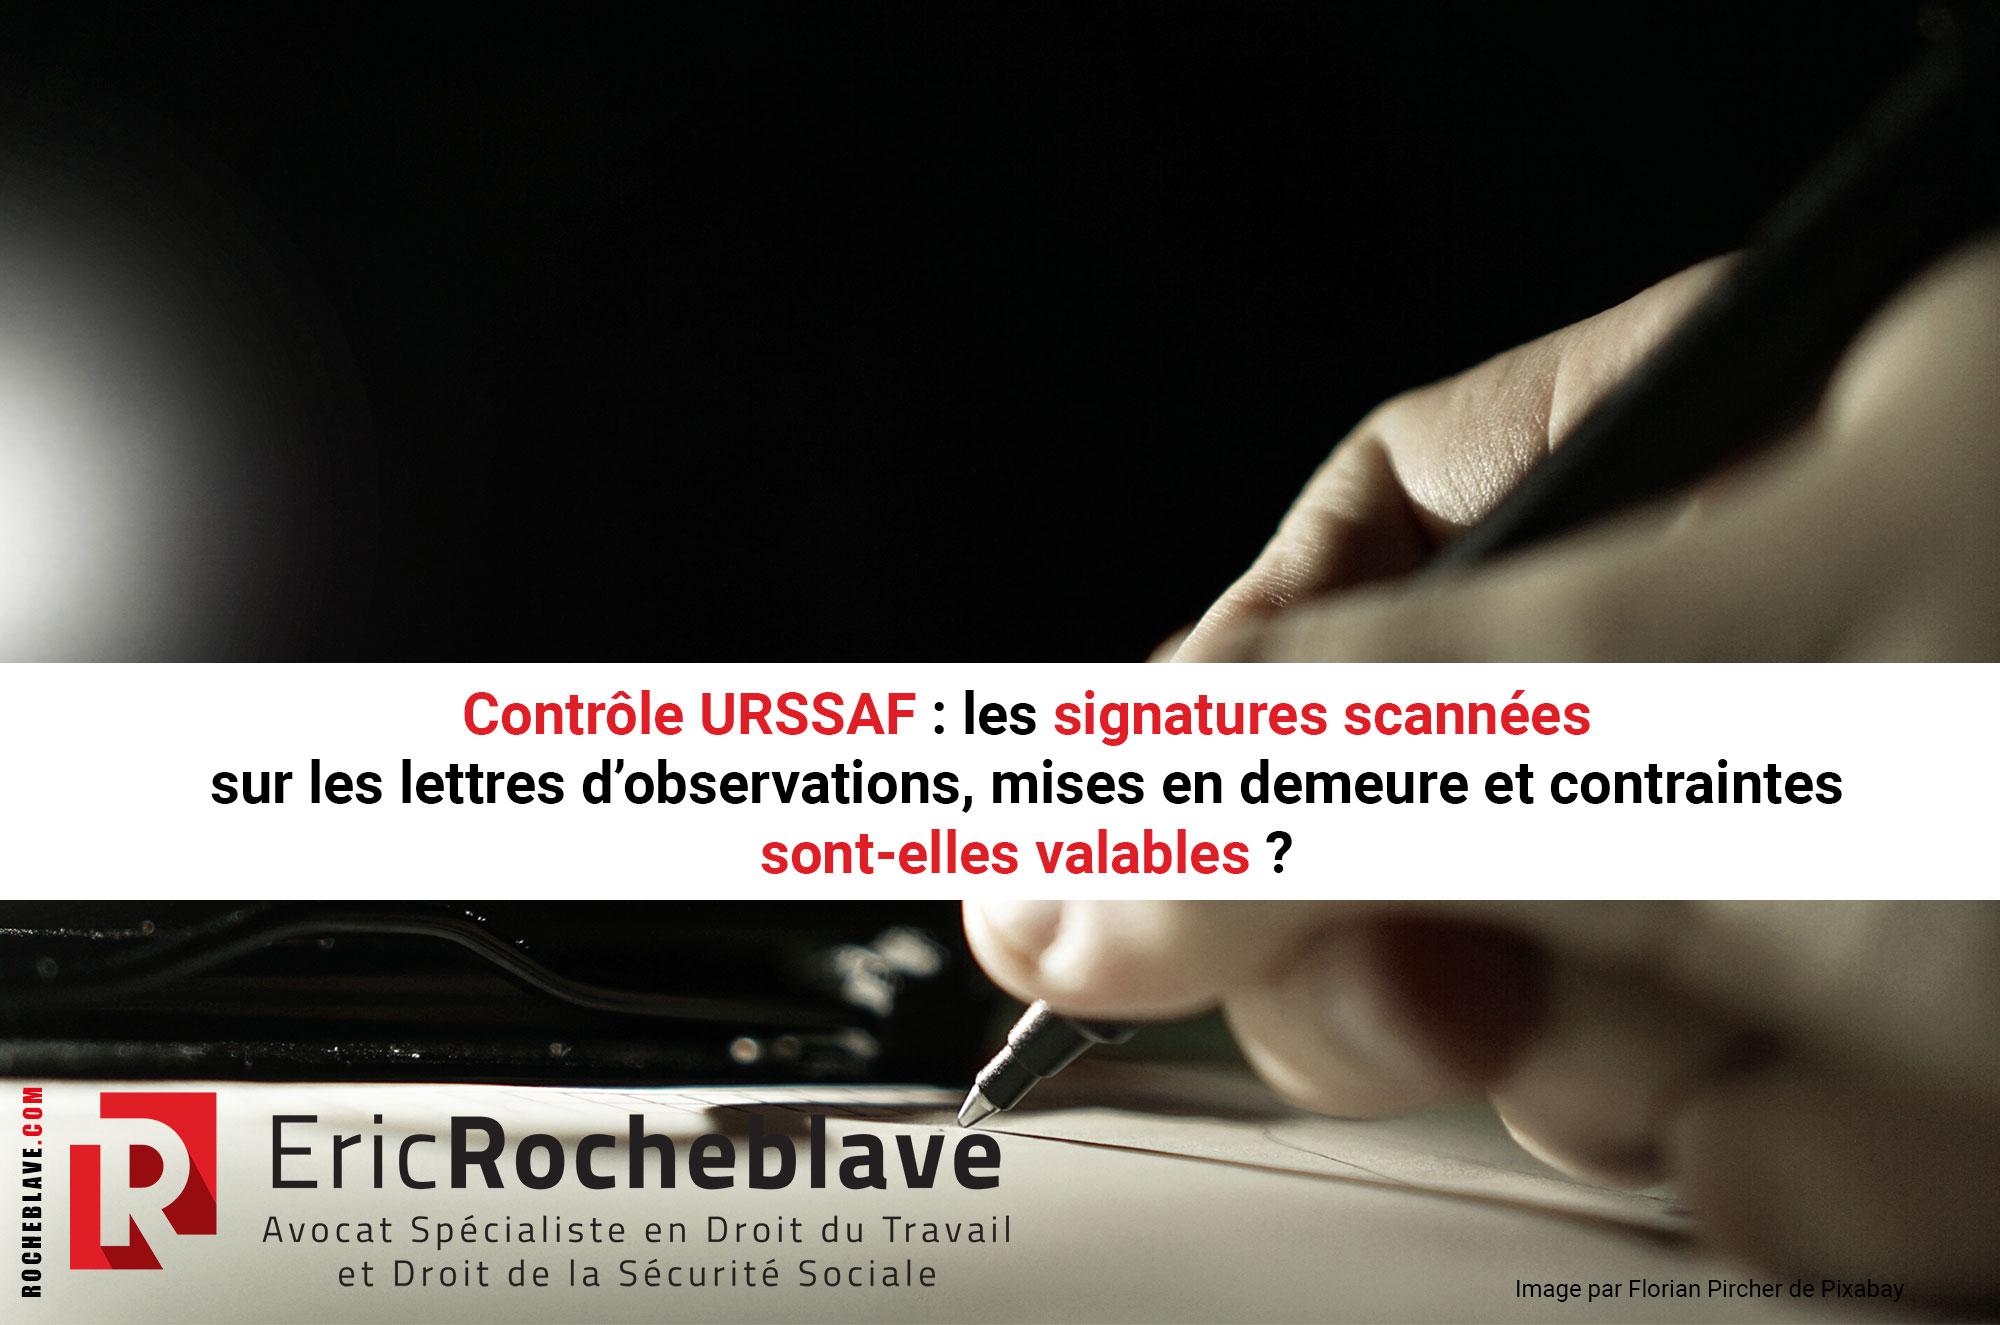 Contrôle URSSAF : les signatures scannées sur les lettres d'observations, mises en demeure et contraintes sont-elles valables ?